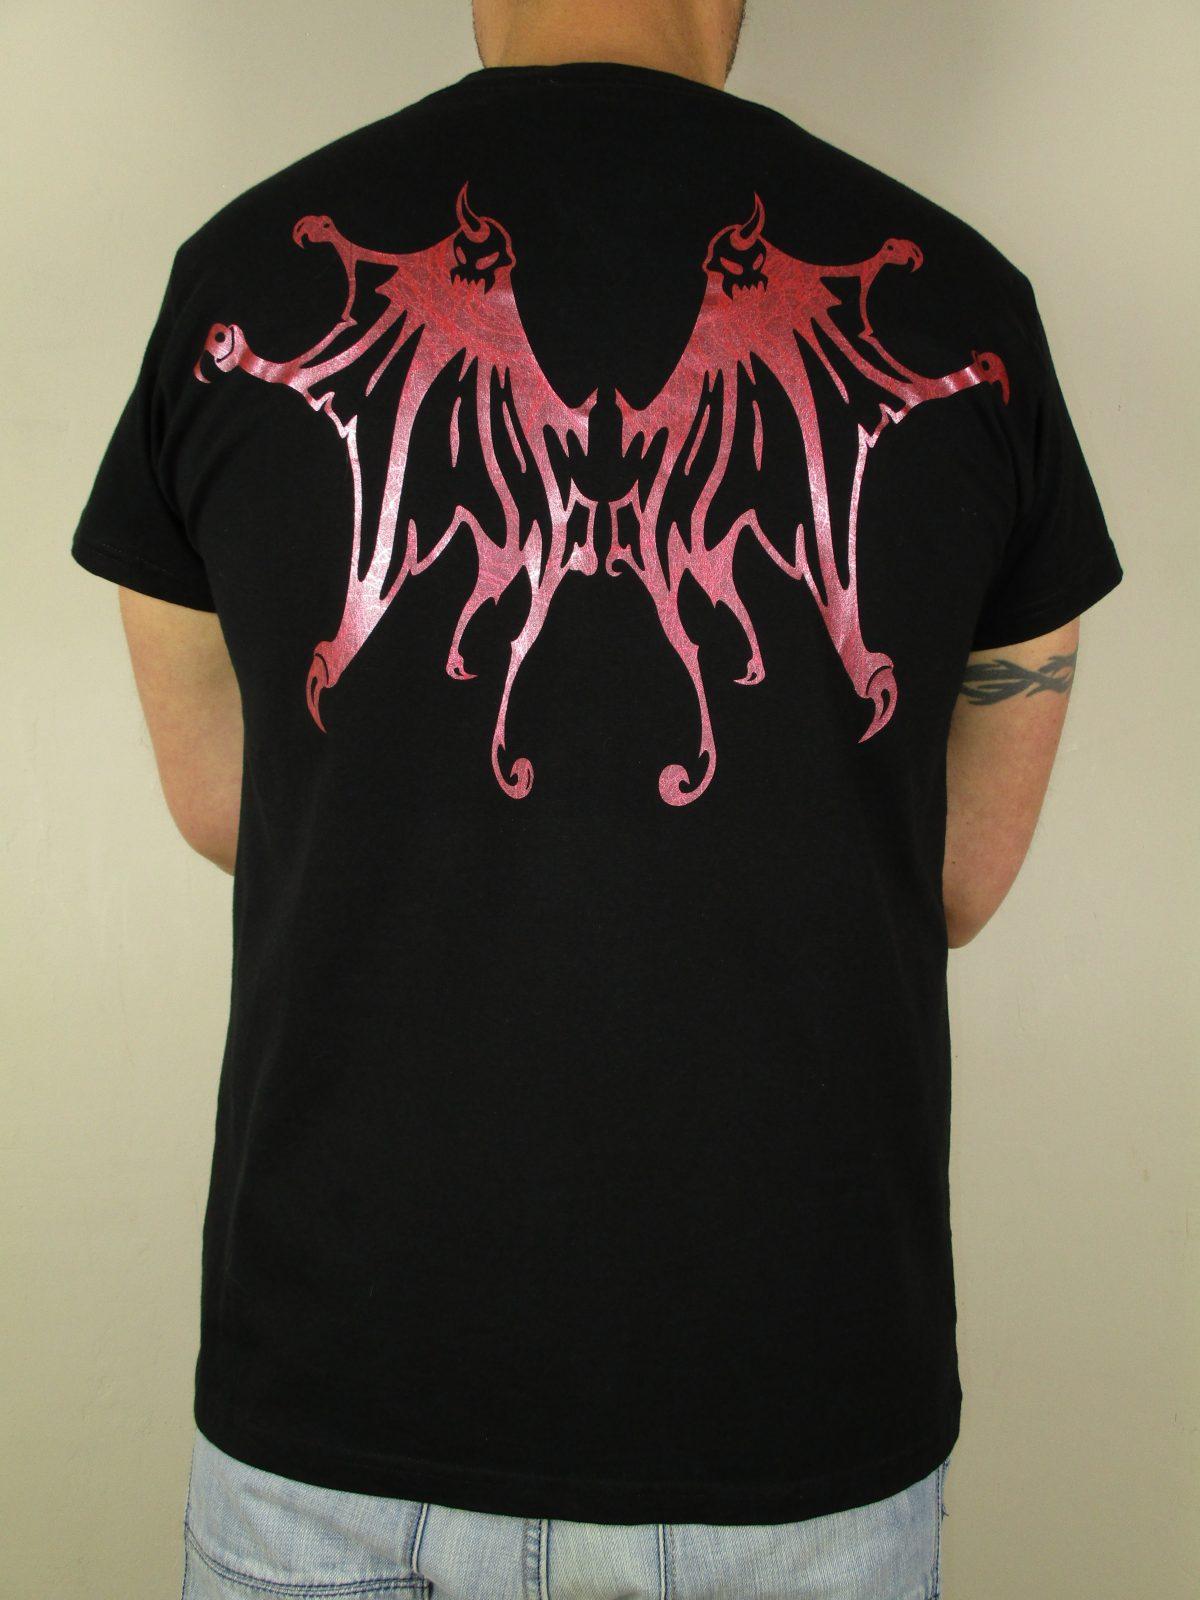 Camiseta calidad EHT marca registrada demonio camisetas diferentes